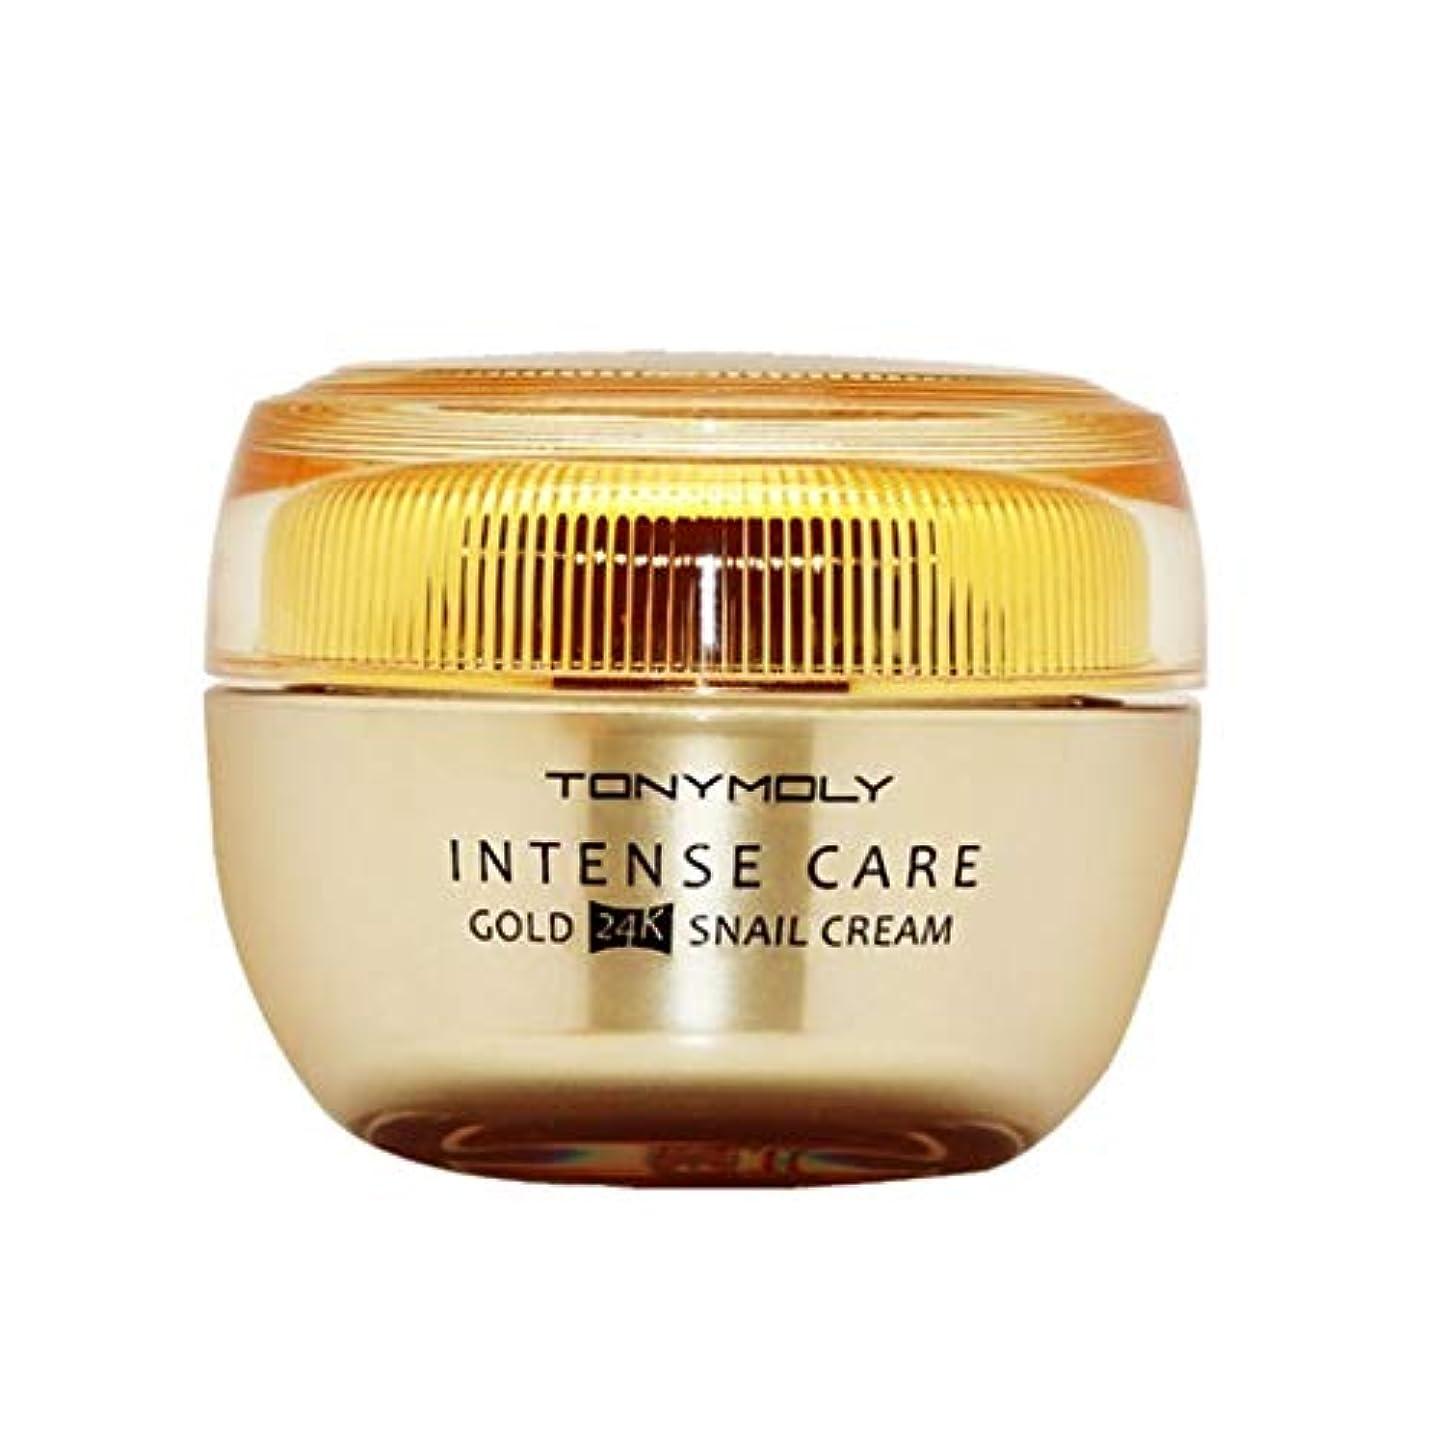 予測するアーカイブ高めるトニーモリーインテンスケアゴールド24Kスネールクリーム45ml x 2本セット美白、シワ改善クリーム、Tonymoly Intense Care Gold 24K Snail Cream 45ml x 2ea Set...